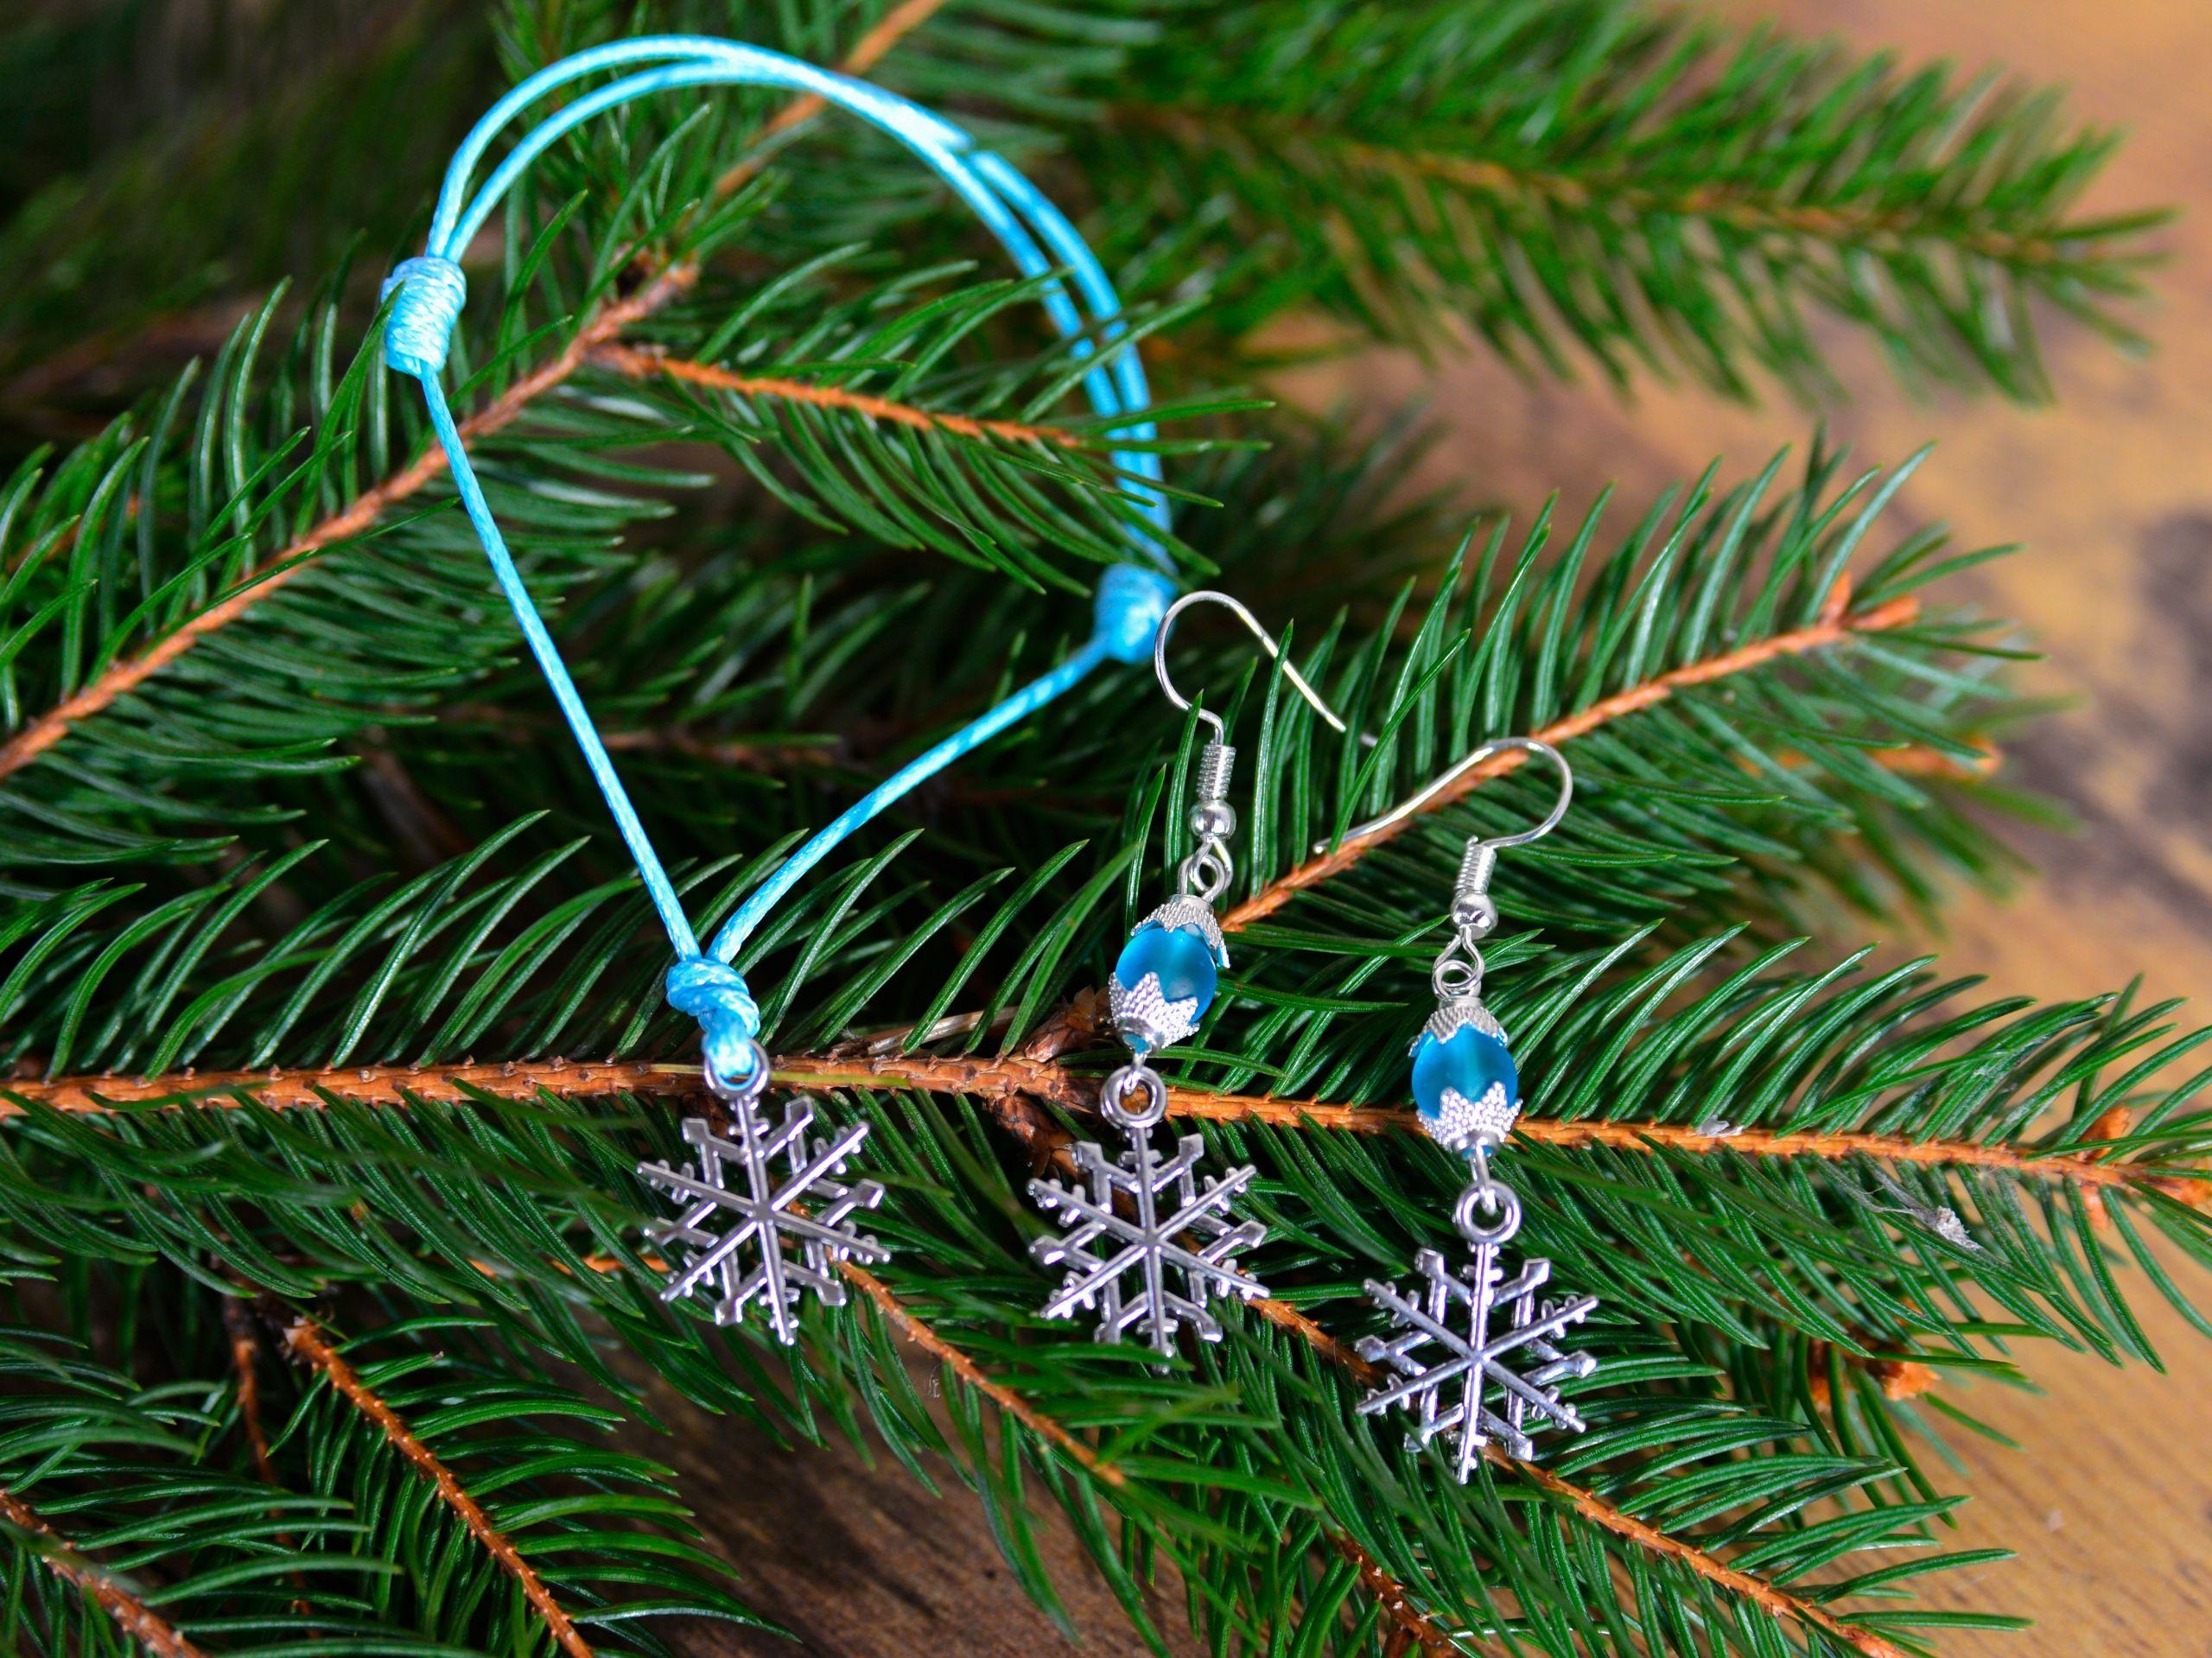 Swieta Komplet Kolczyki I Bransoletka Sznurkowa Ze Sniezynka Swieta Christmas Zima Winter Bizuteria Christmas Ornaments Holiday Decor Novelty Christmas